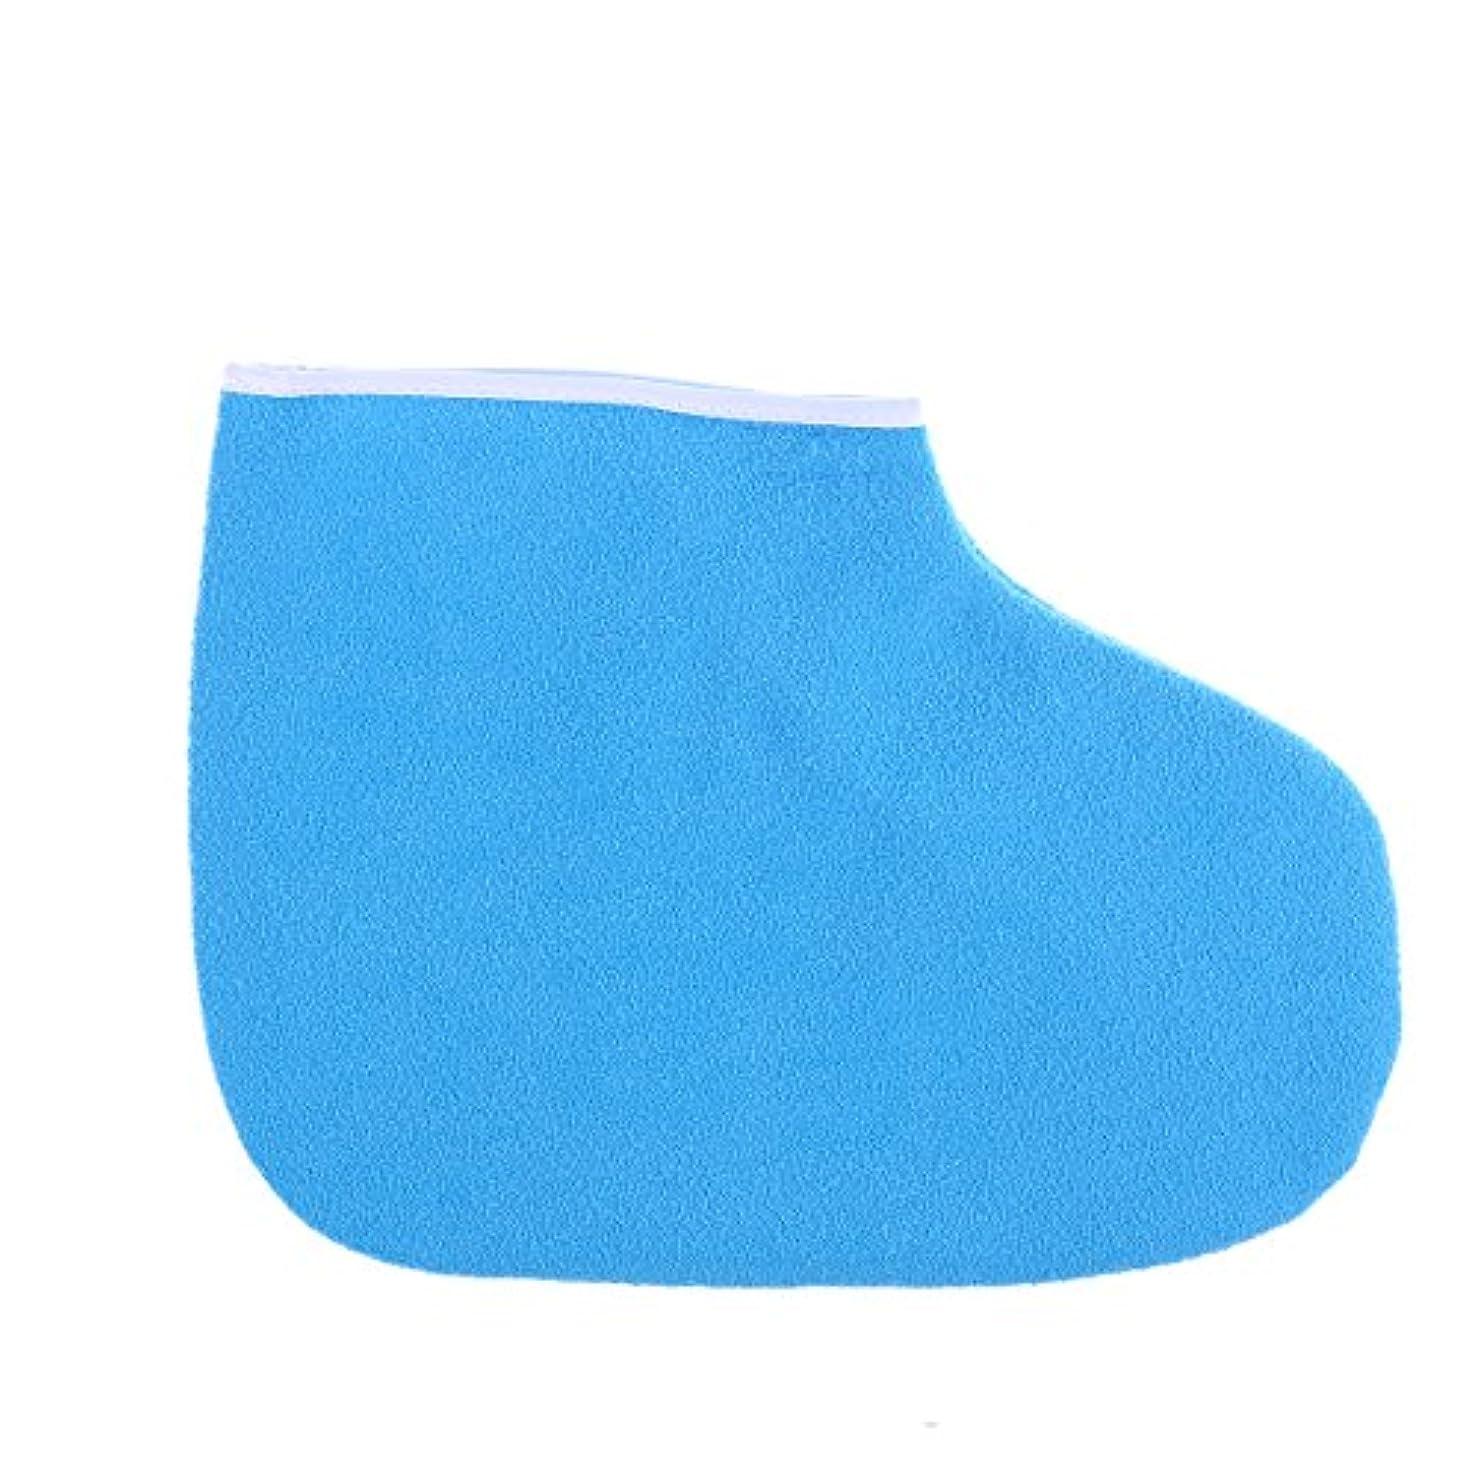 システム体操選手モールHealifty パラフィンワックスブーティーマニキュアペディキュアトリートメントブーツ(ブルー)